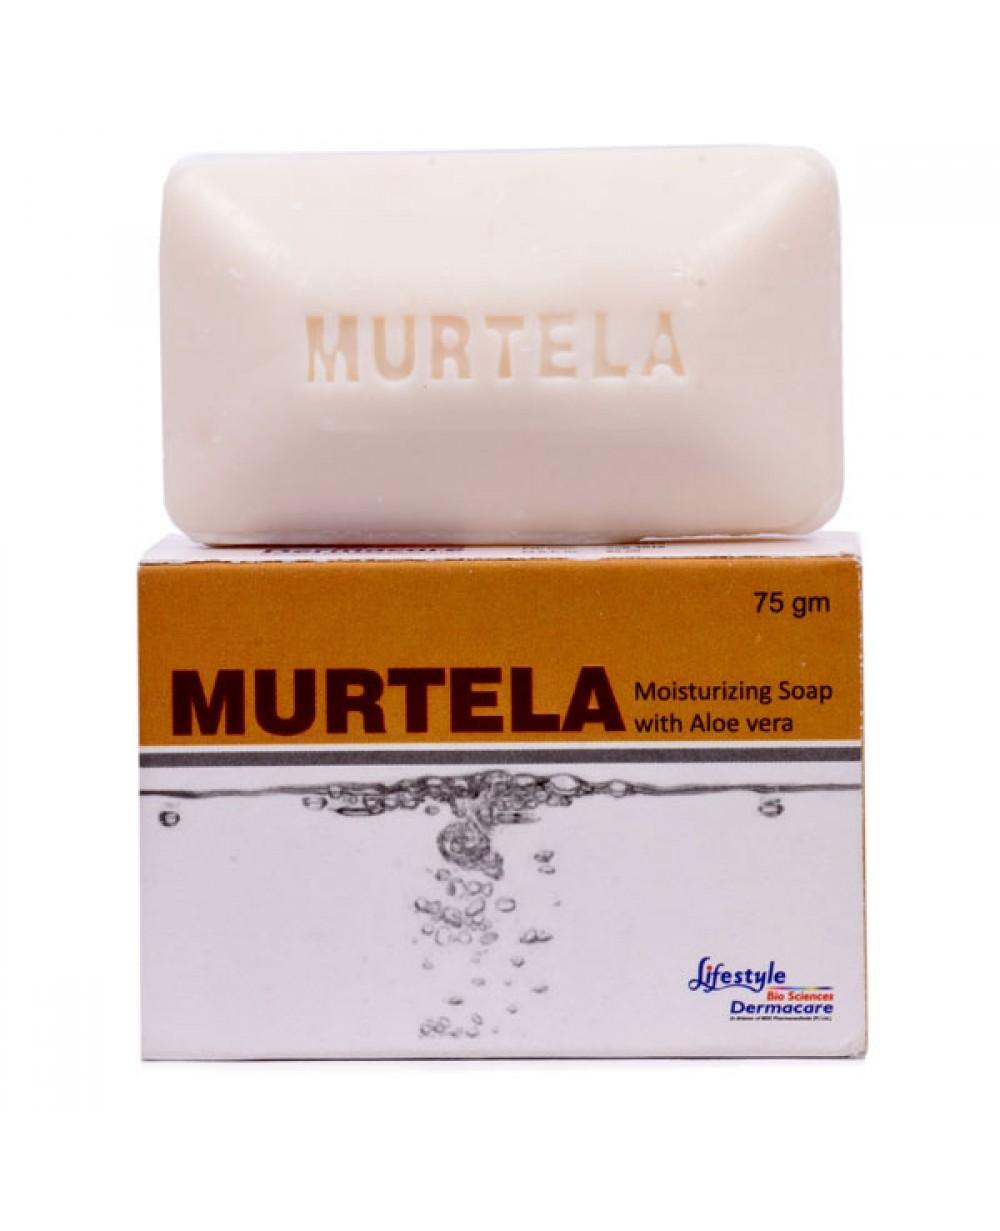 Murtela Moisturizing Soap, 75 g